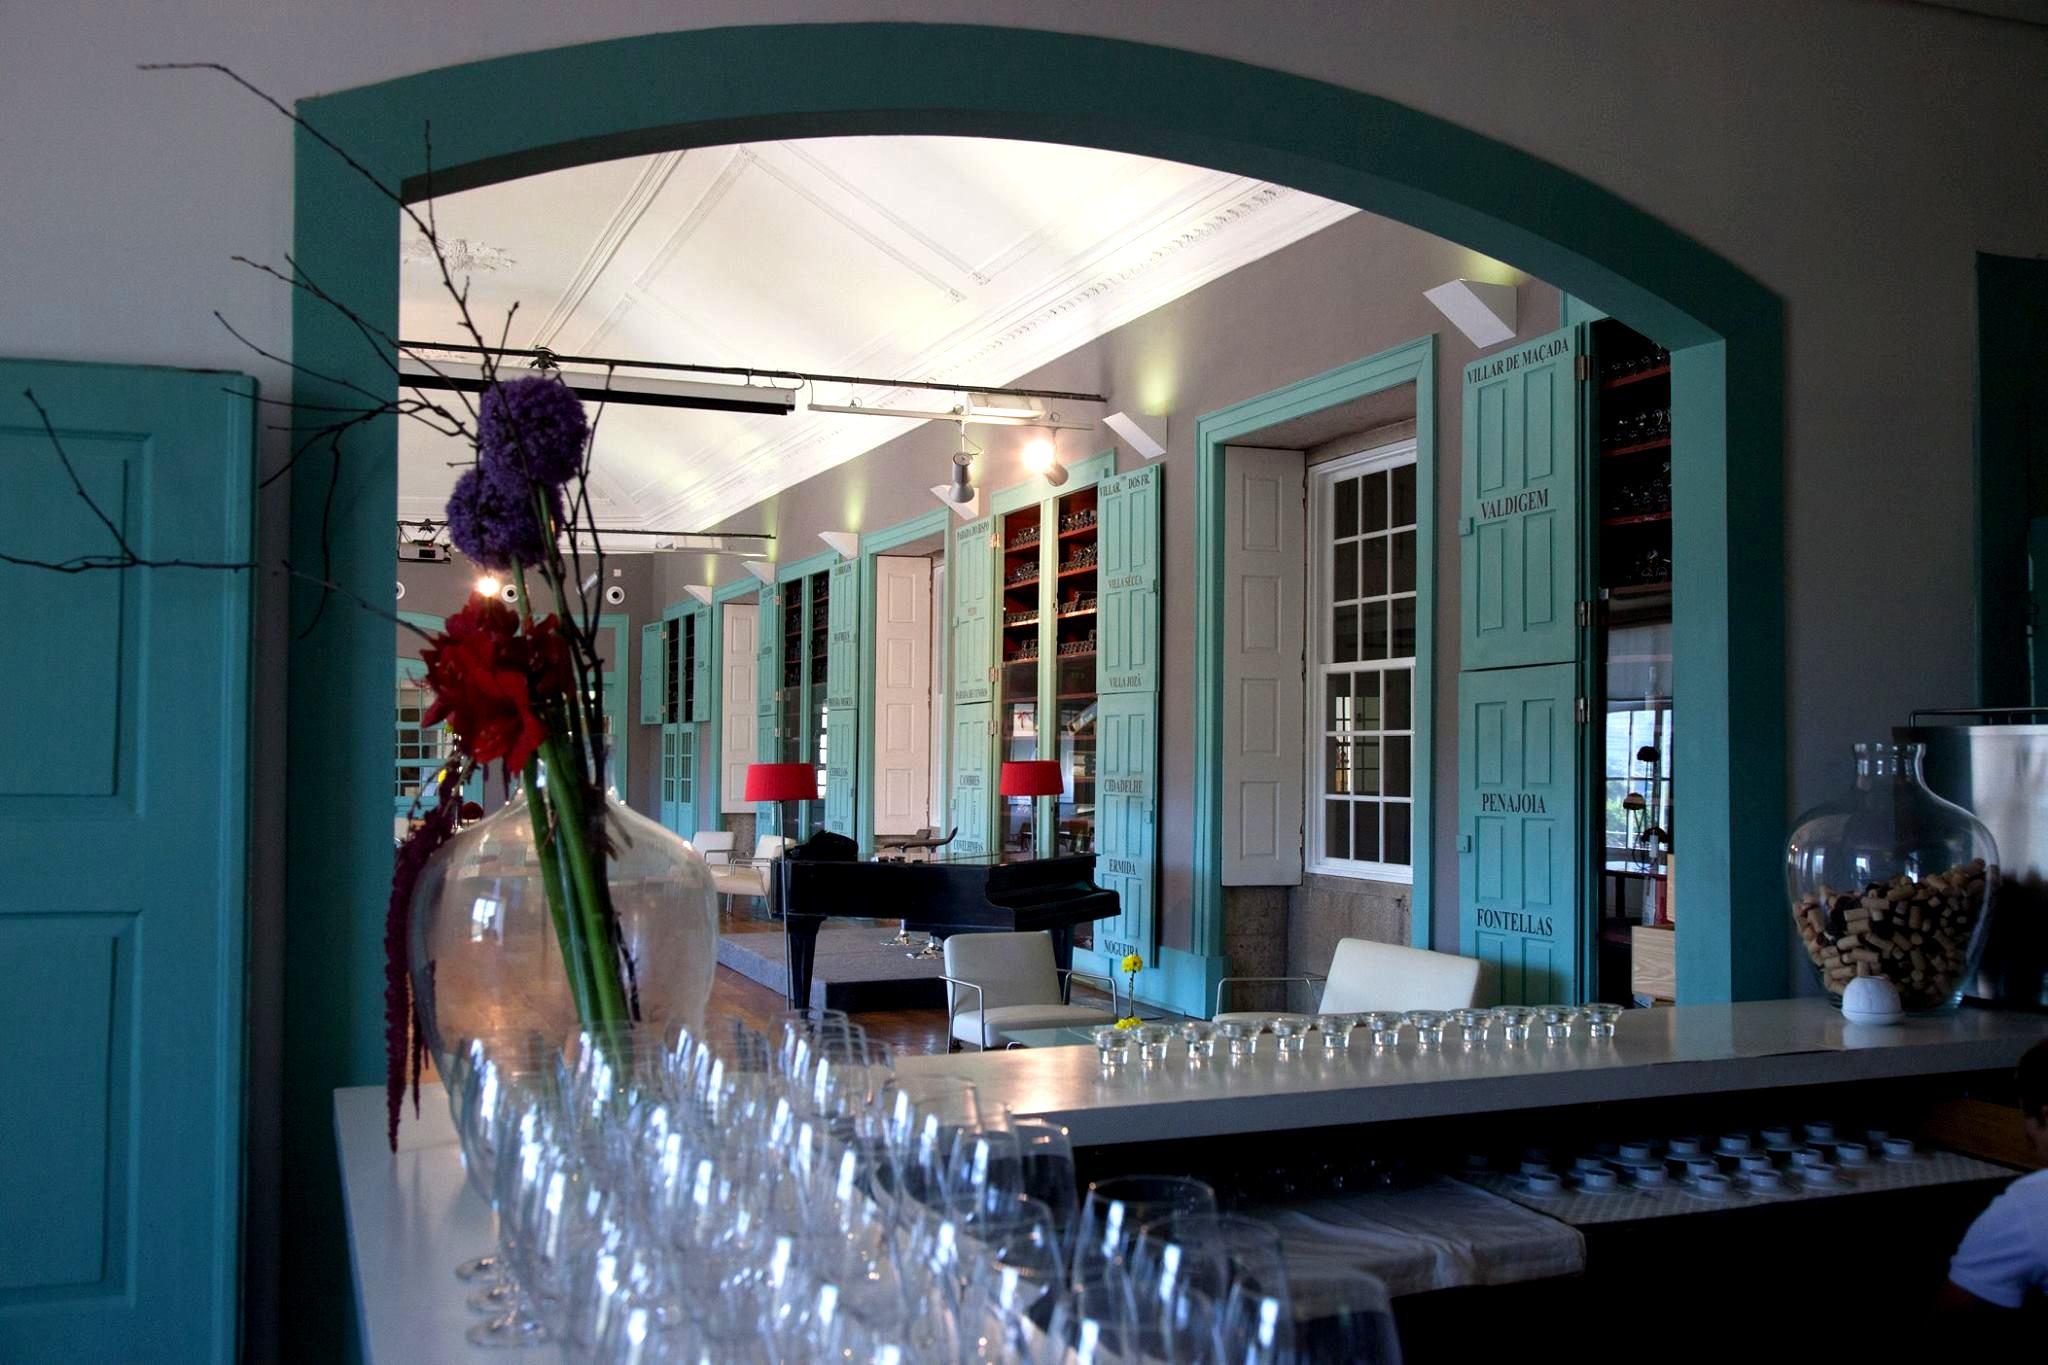 Museu do Douro - Prova de Vinho Comentada